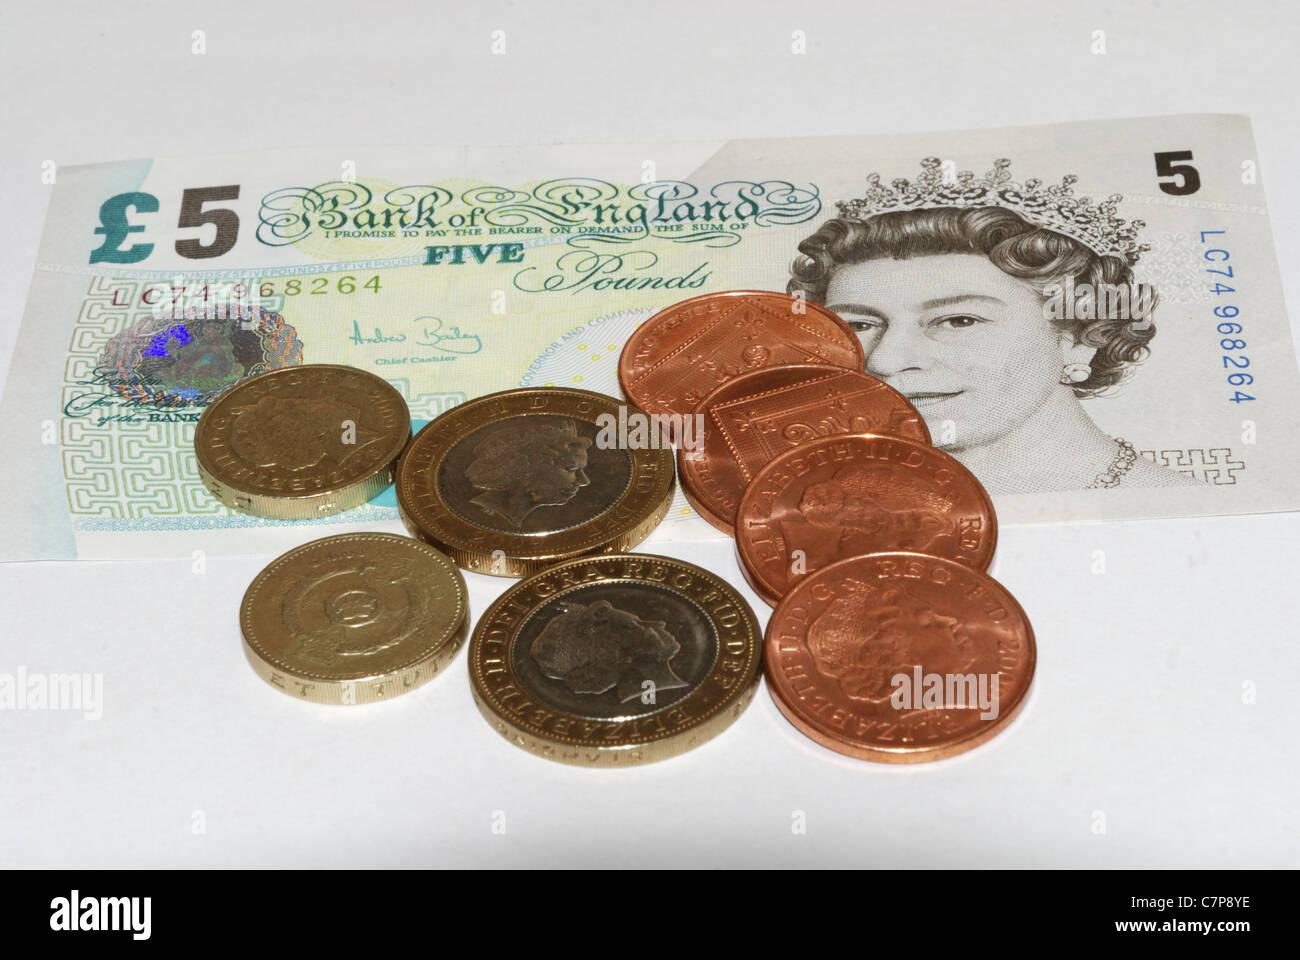 Englische Pfund Noten Mit Münzen Stockfoto Bild 39213314 Alamy